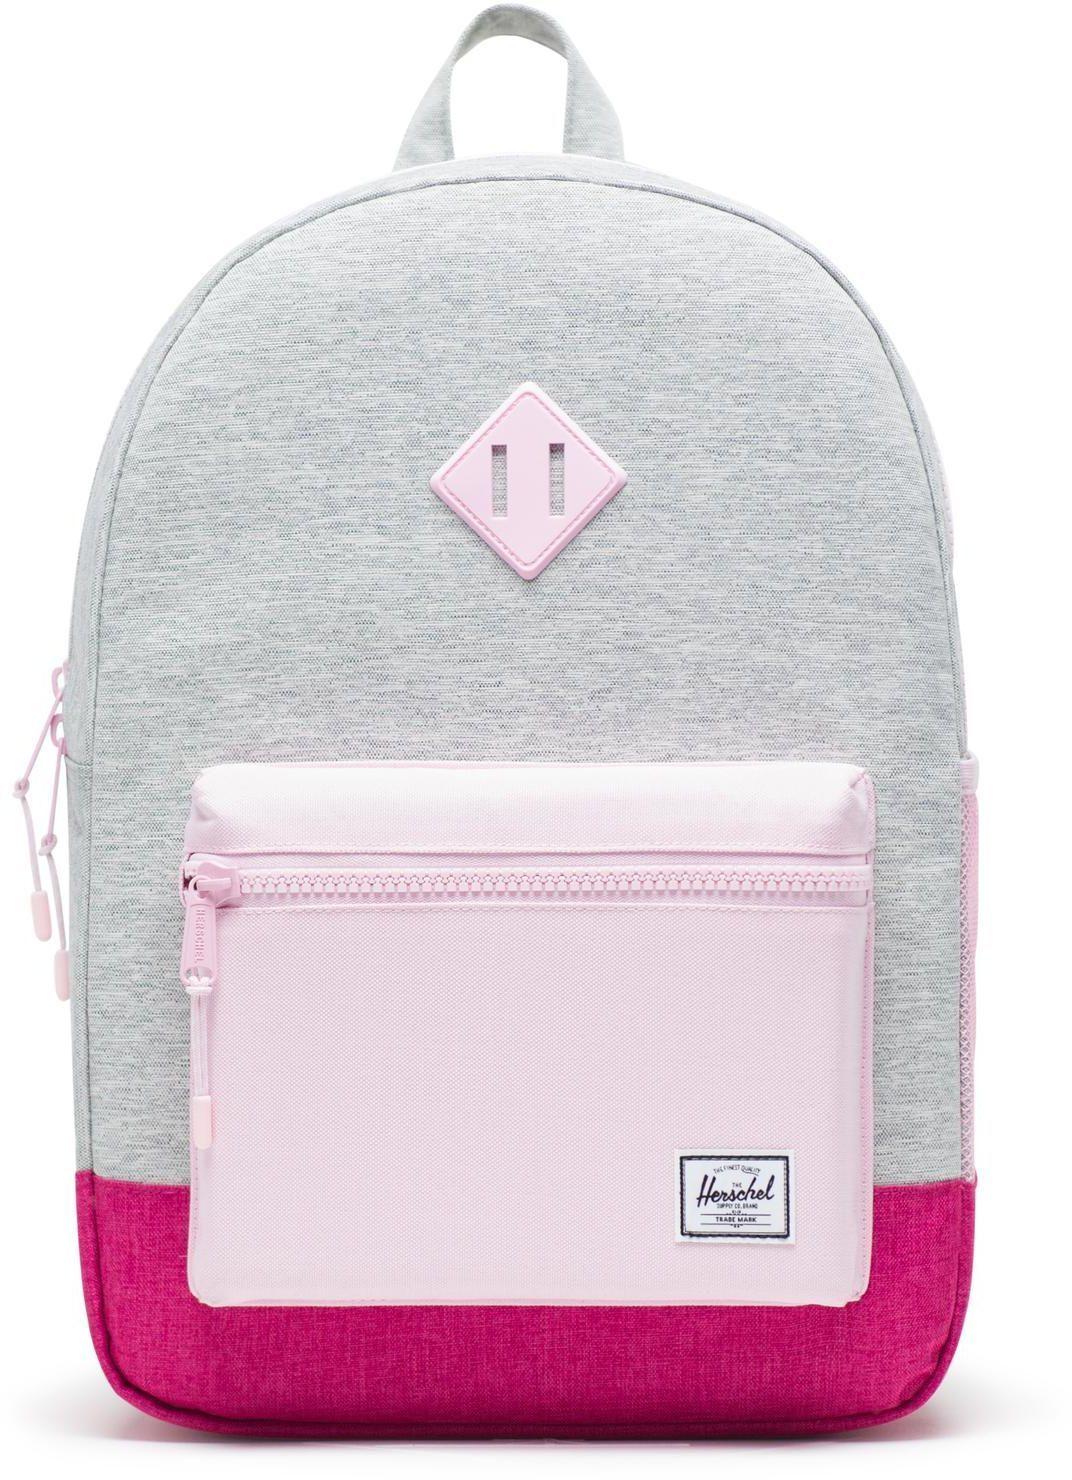 992f328203a Dětský batoh Herschel Heritage Youth XL - light grey crosshatch very berry  crosshatch pink